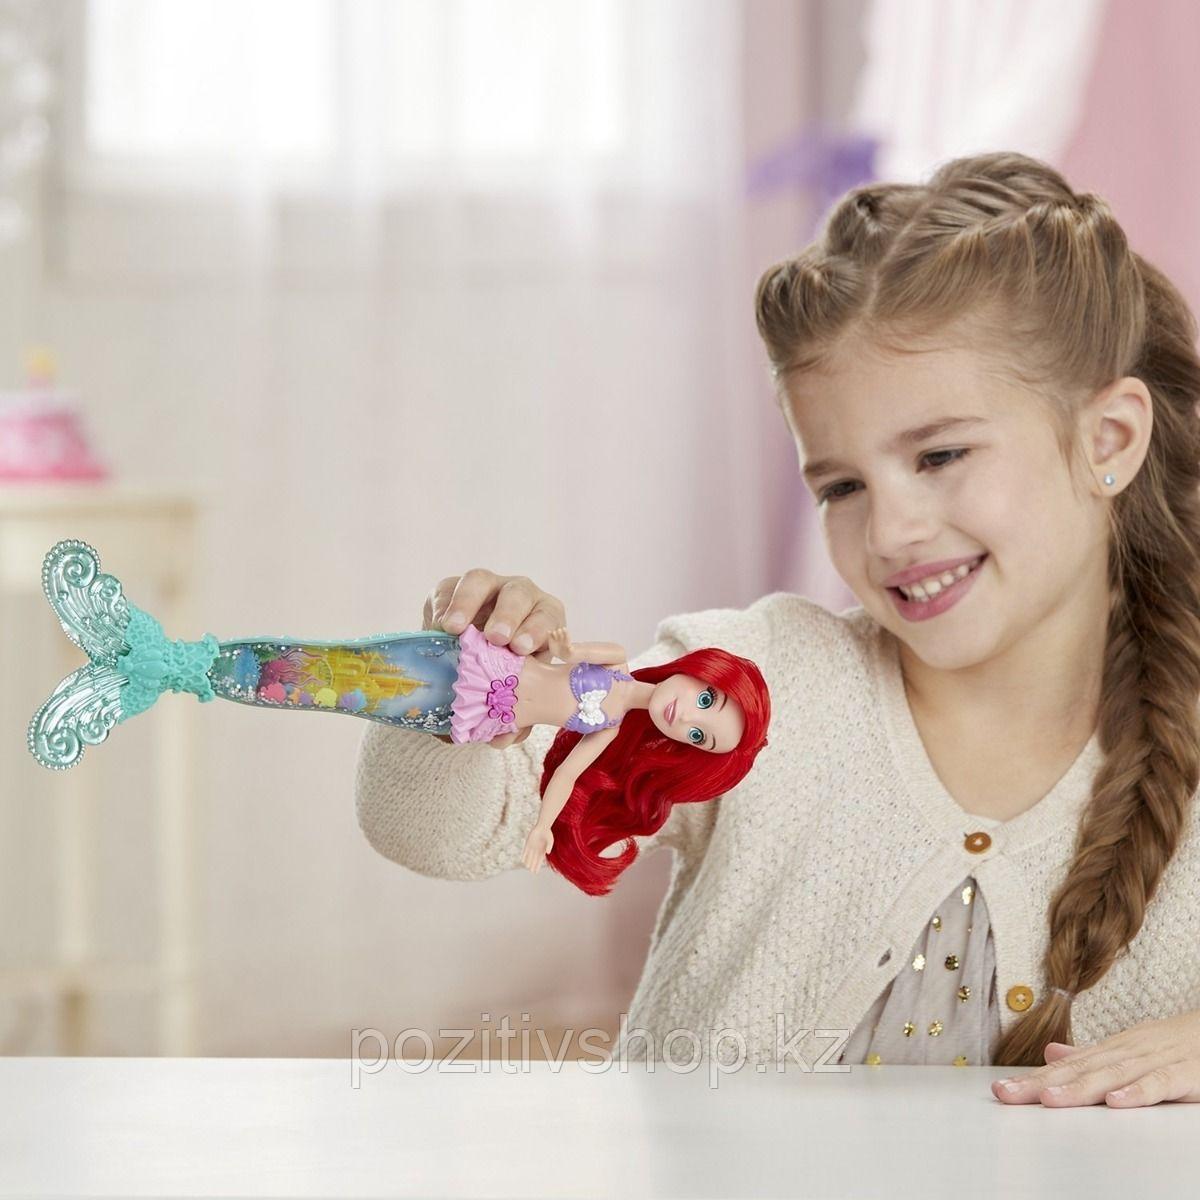 Интерактивная кукла Ариэль Disney Princess - фото 3